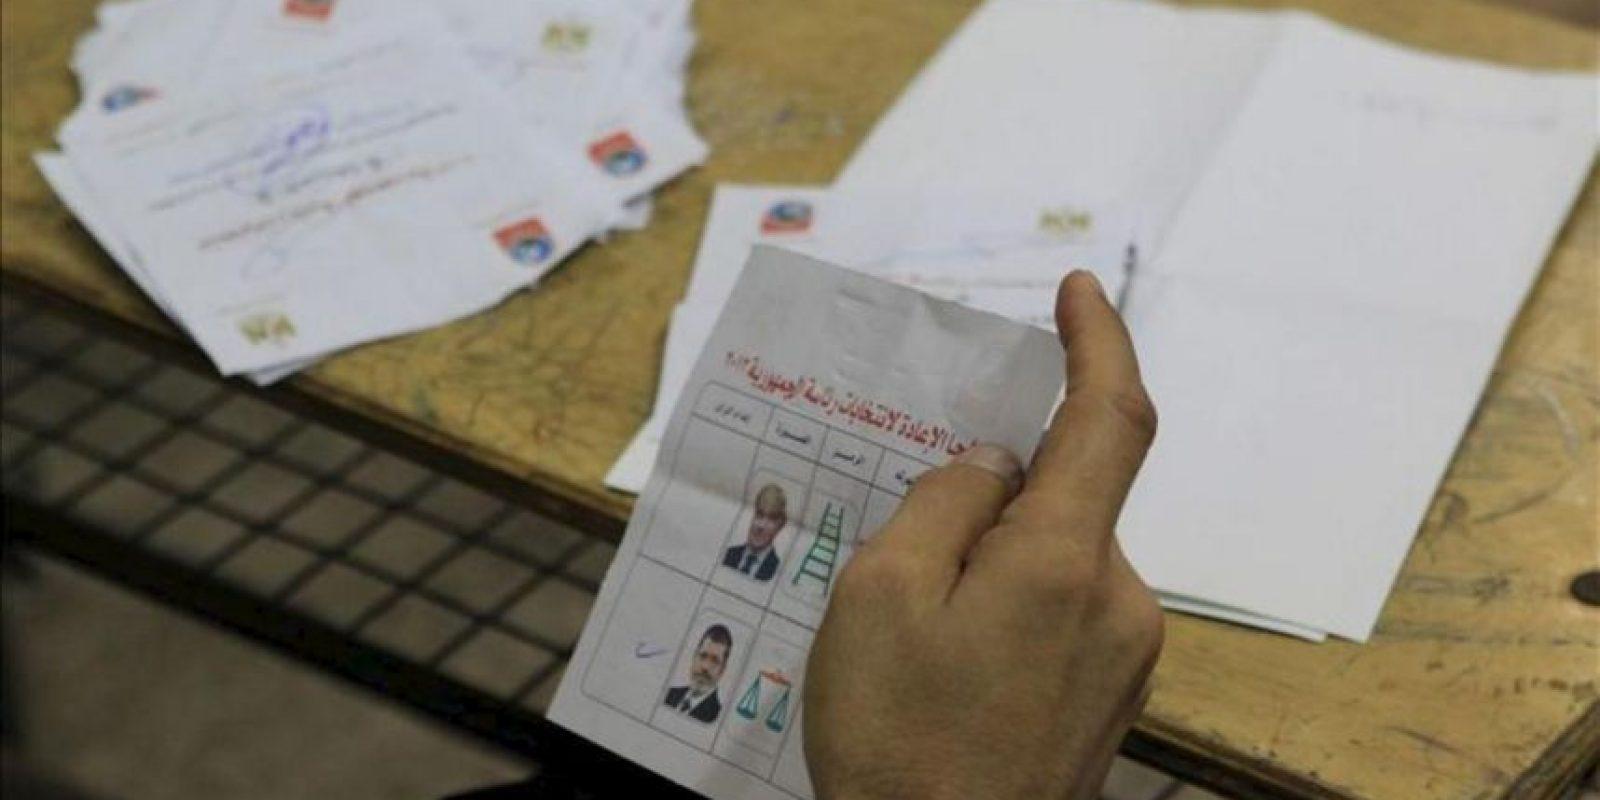 Autoridades realizan el conteo de votos hoy, domingo 17 de junio de 2012, en El Cairo (Egipto). Esta es la última jornada de los comicios presidenciales disputados por el islamista Mohamed Mursi y el general retirado Ahmed Shafiq. EFE